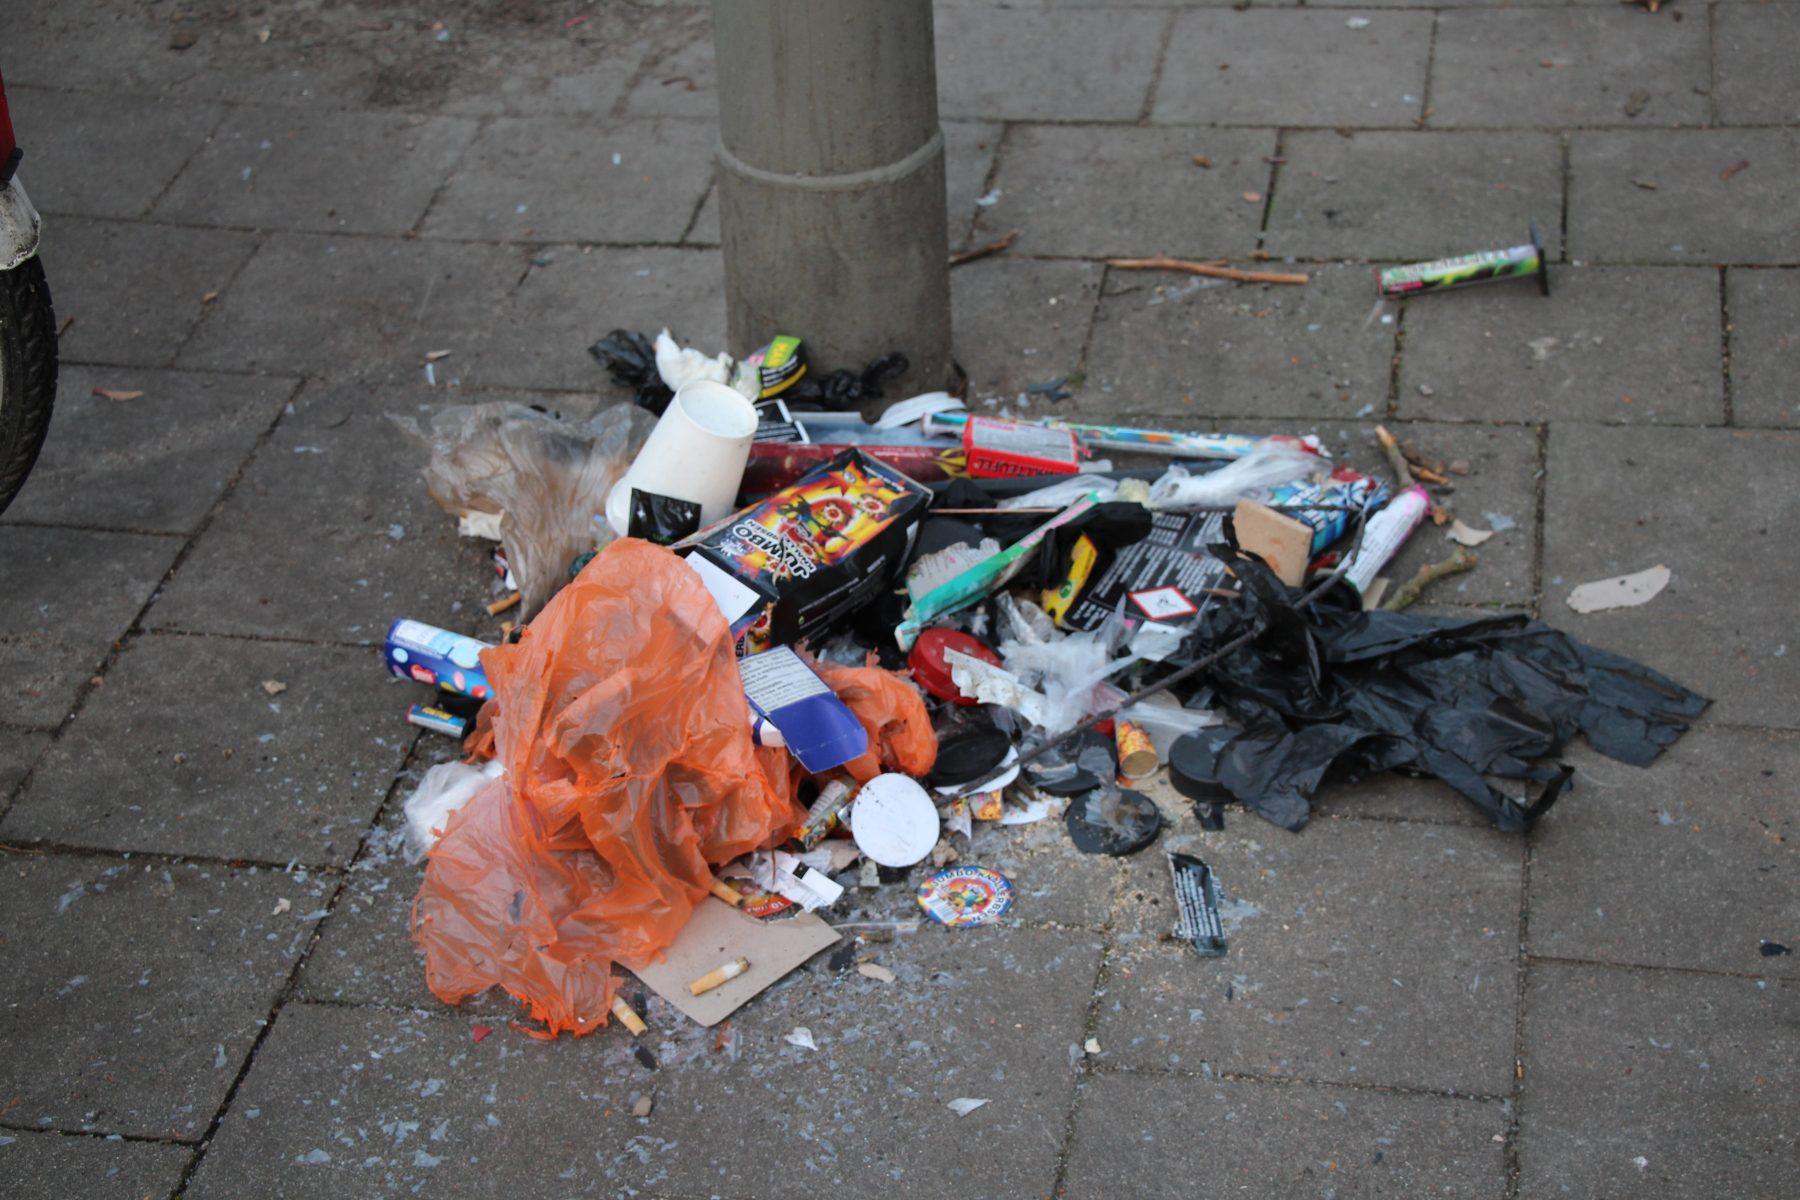 Müllberge am Straßenrand - nach Silvester keine Seltenheit.